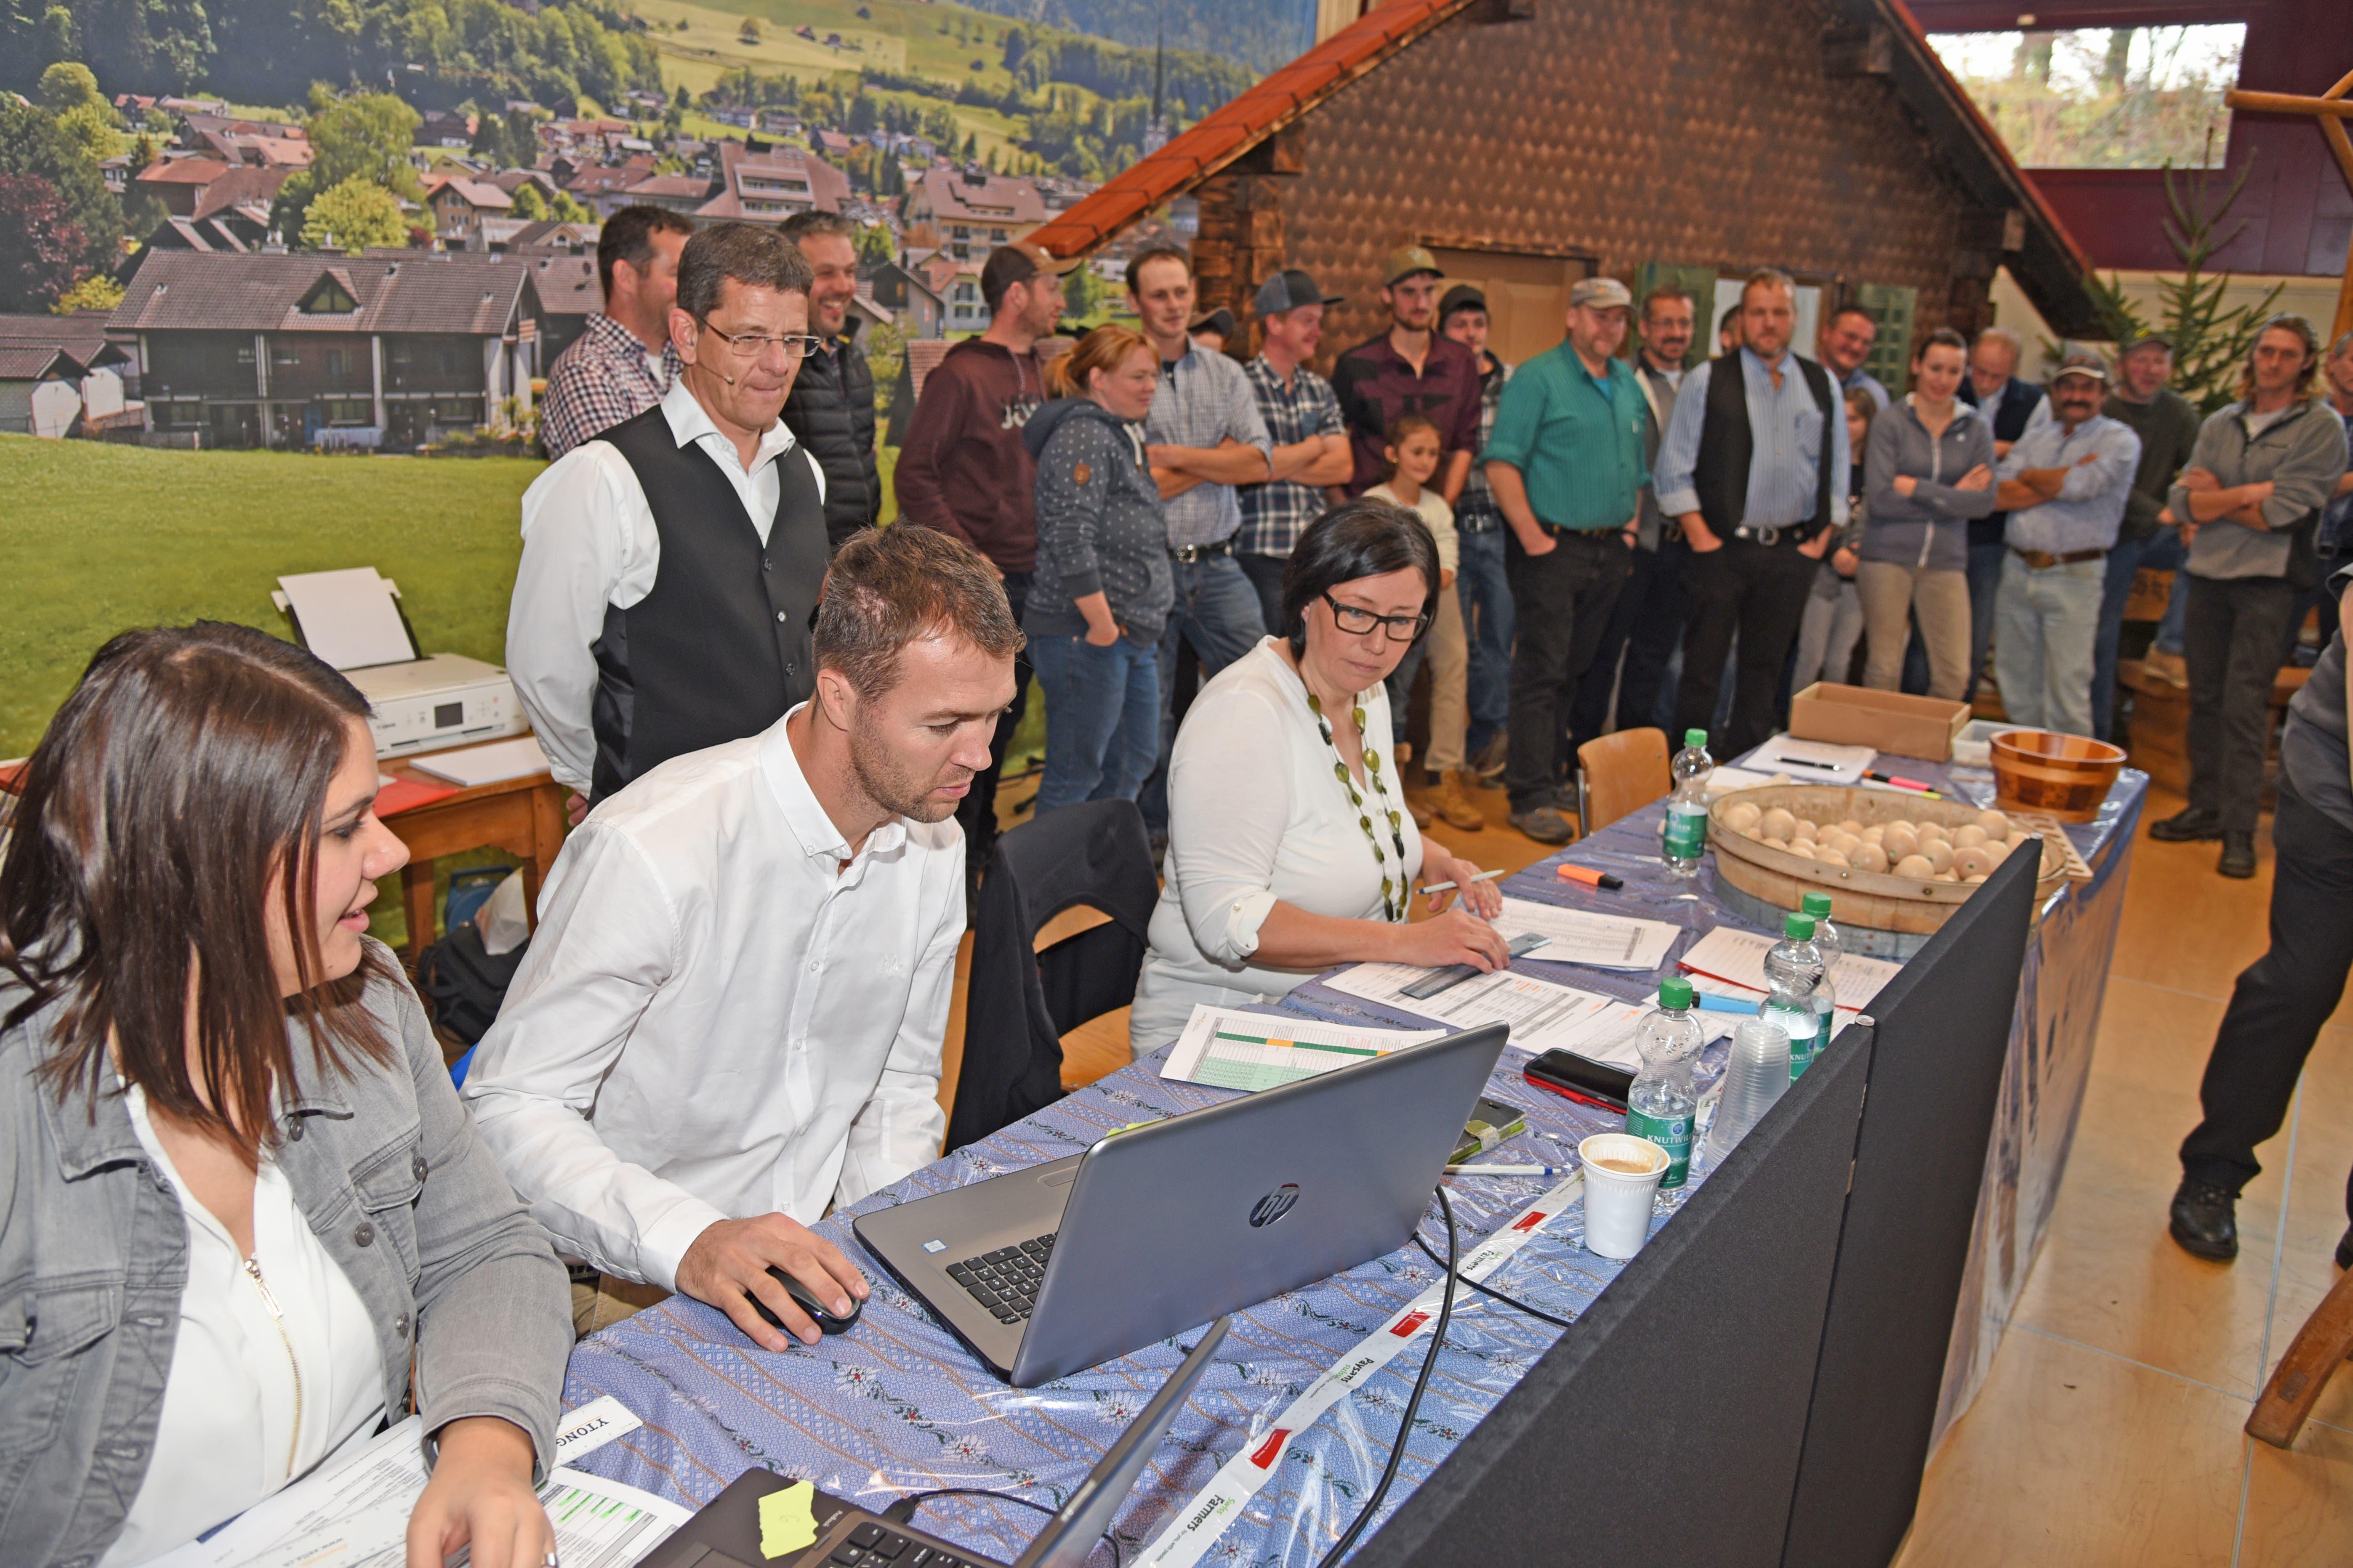 Alle Vorgänge werden fein säuberlich protokolliert. Verantwortlich dafür sind Alpgenossenschreiber Thomas Bucher und seine Mitarbeiterinnen. Beobachtet von Korporationspräsident Markus Ettlin (hinten links). Rechts stehen die Bewerber für die nächste Alp.